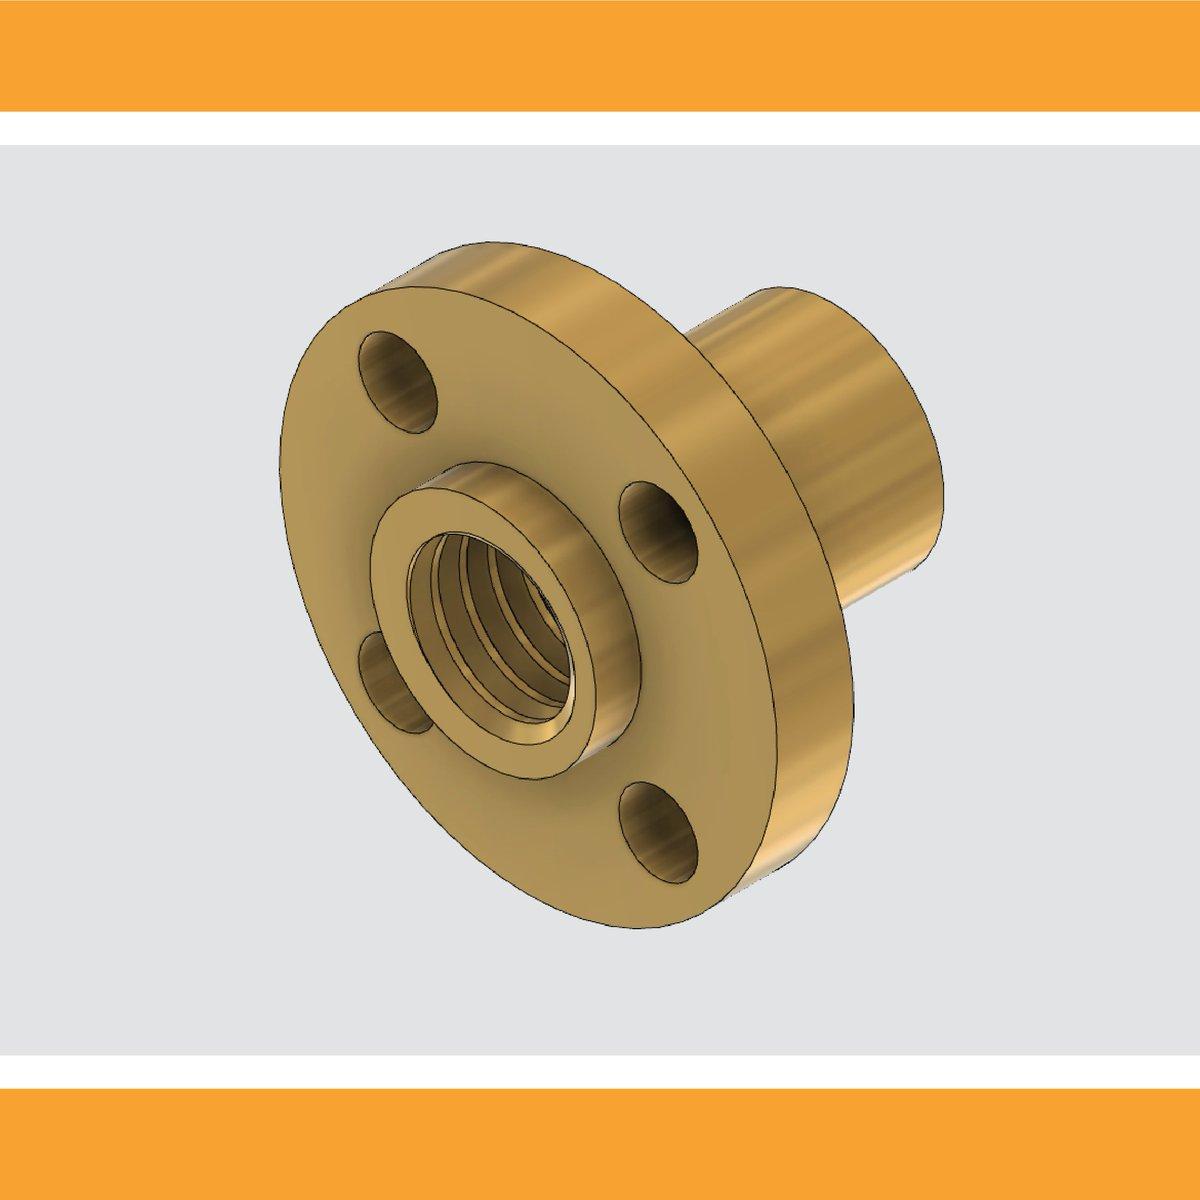 Leadscrew Nuts per il progetto CNC. #cnc #diy #fusion #fusion360 #autodesk #3Dprint #adskfusion360 #3Dparts #fusion360cam #homemadecnc #cnchomemade @adskFusion360